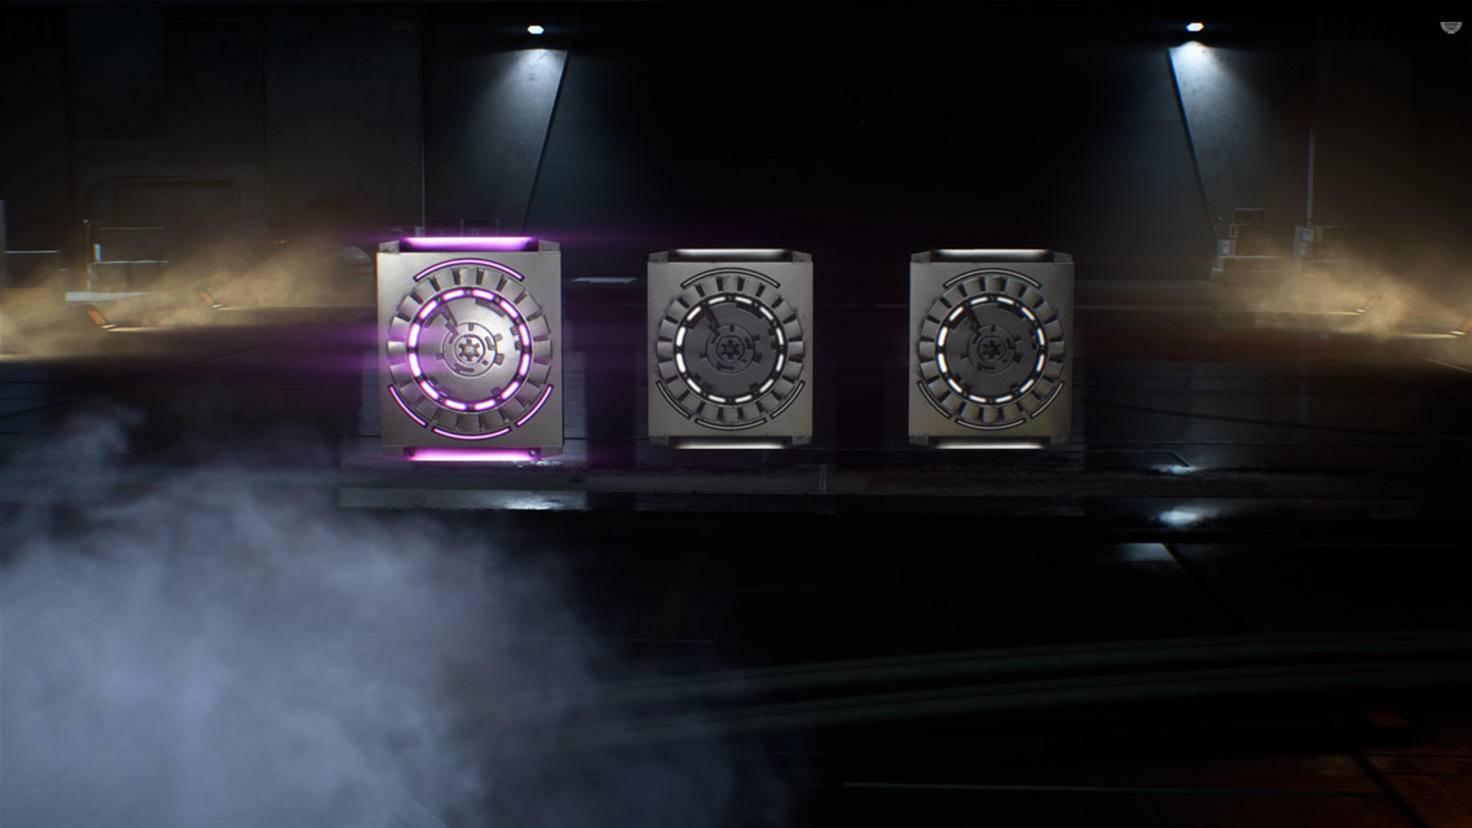 Hinter violettem Licht verbergen sich epische Sternkarten. Die sind allerdings eher selten.